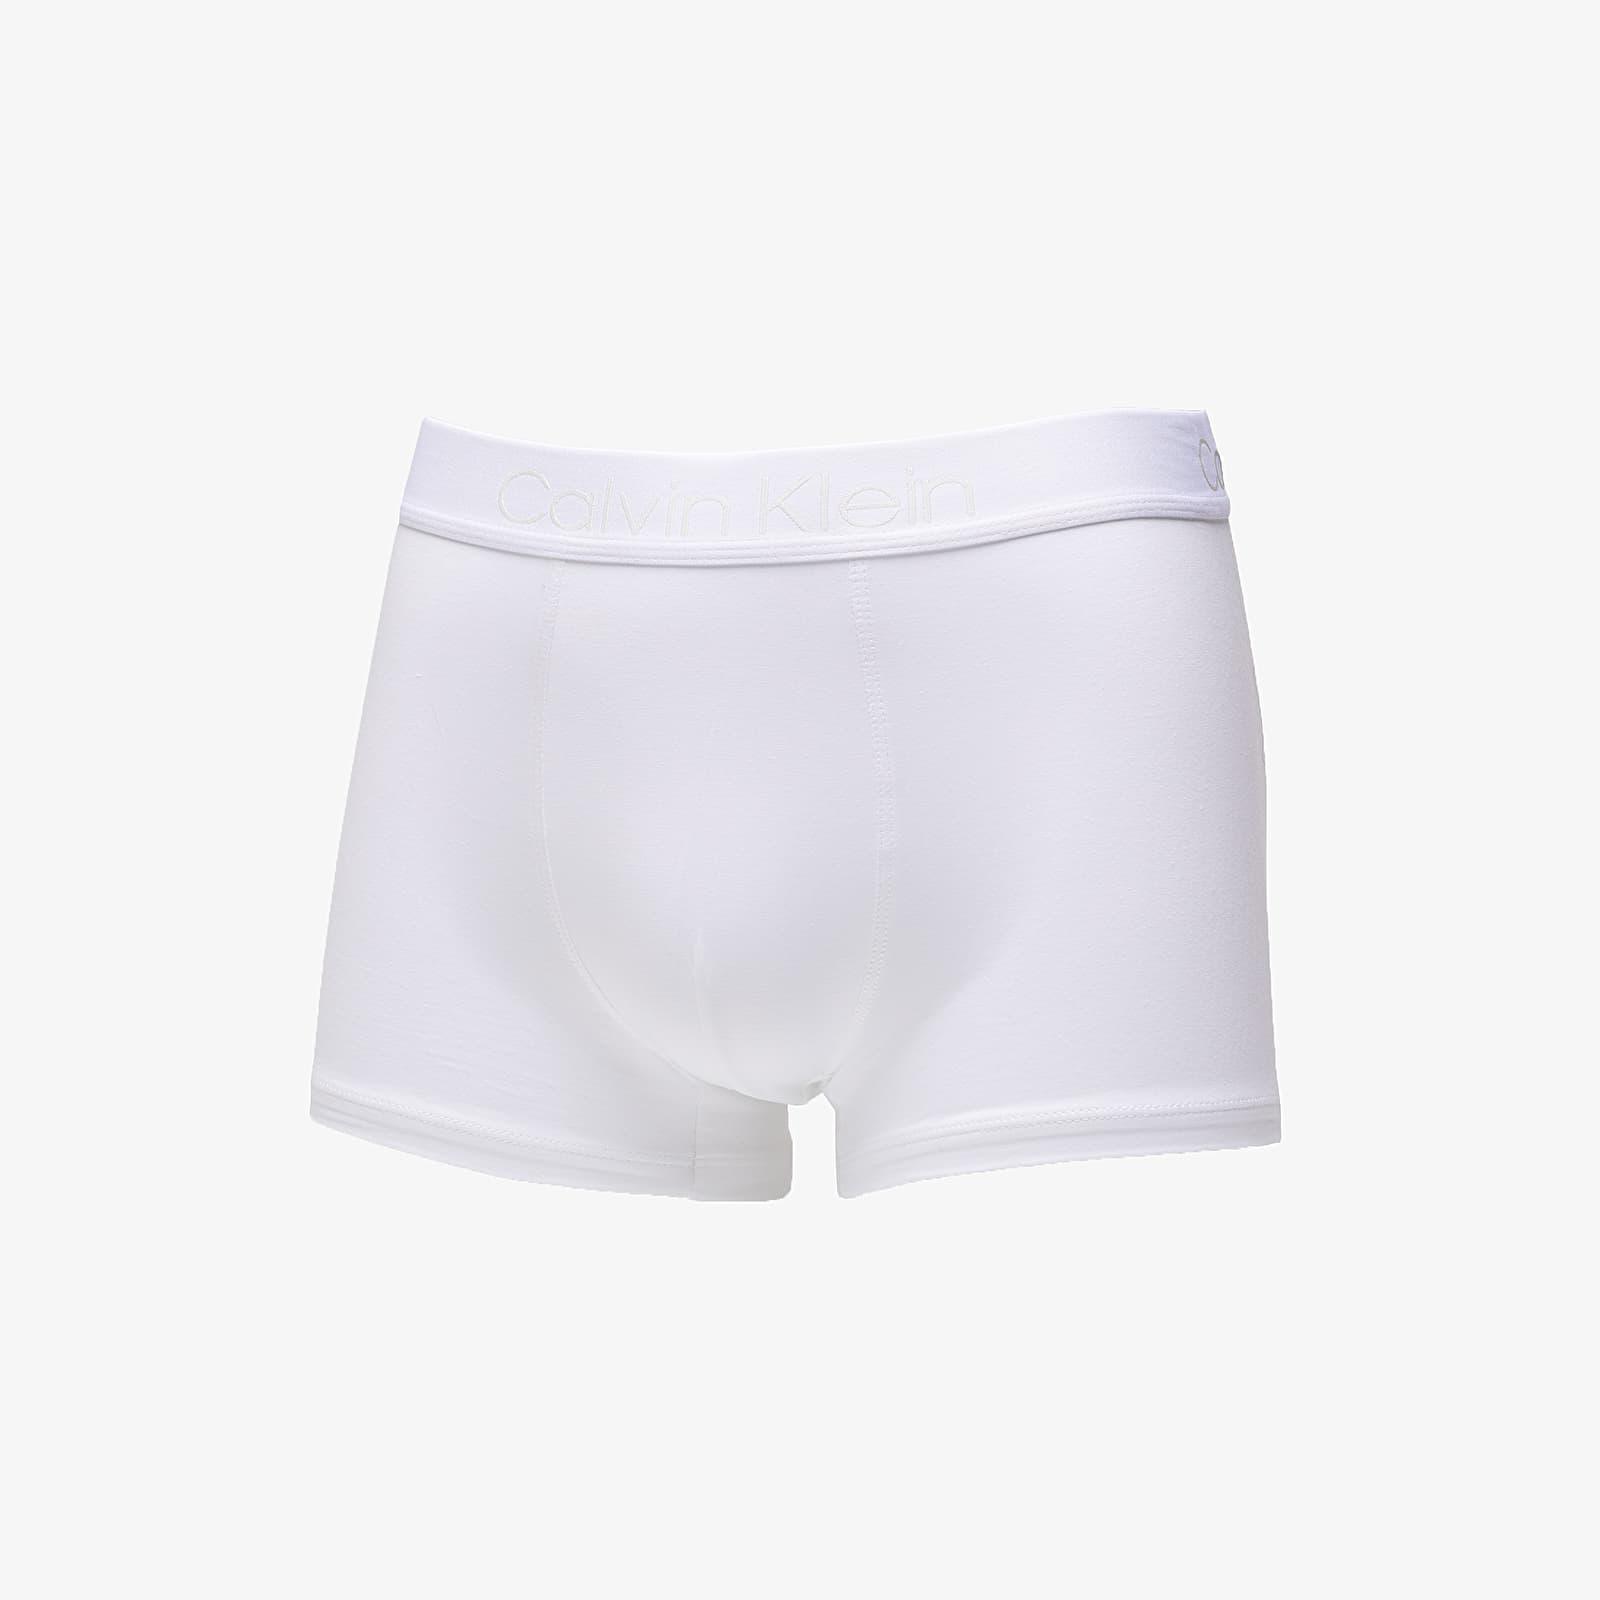 Boxer shorts Calvin Klein Trunk White